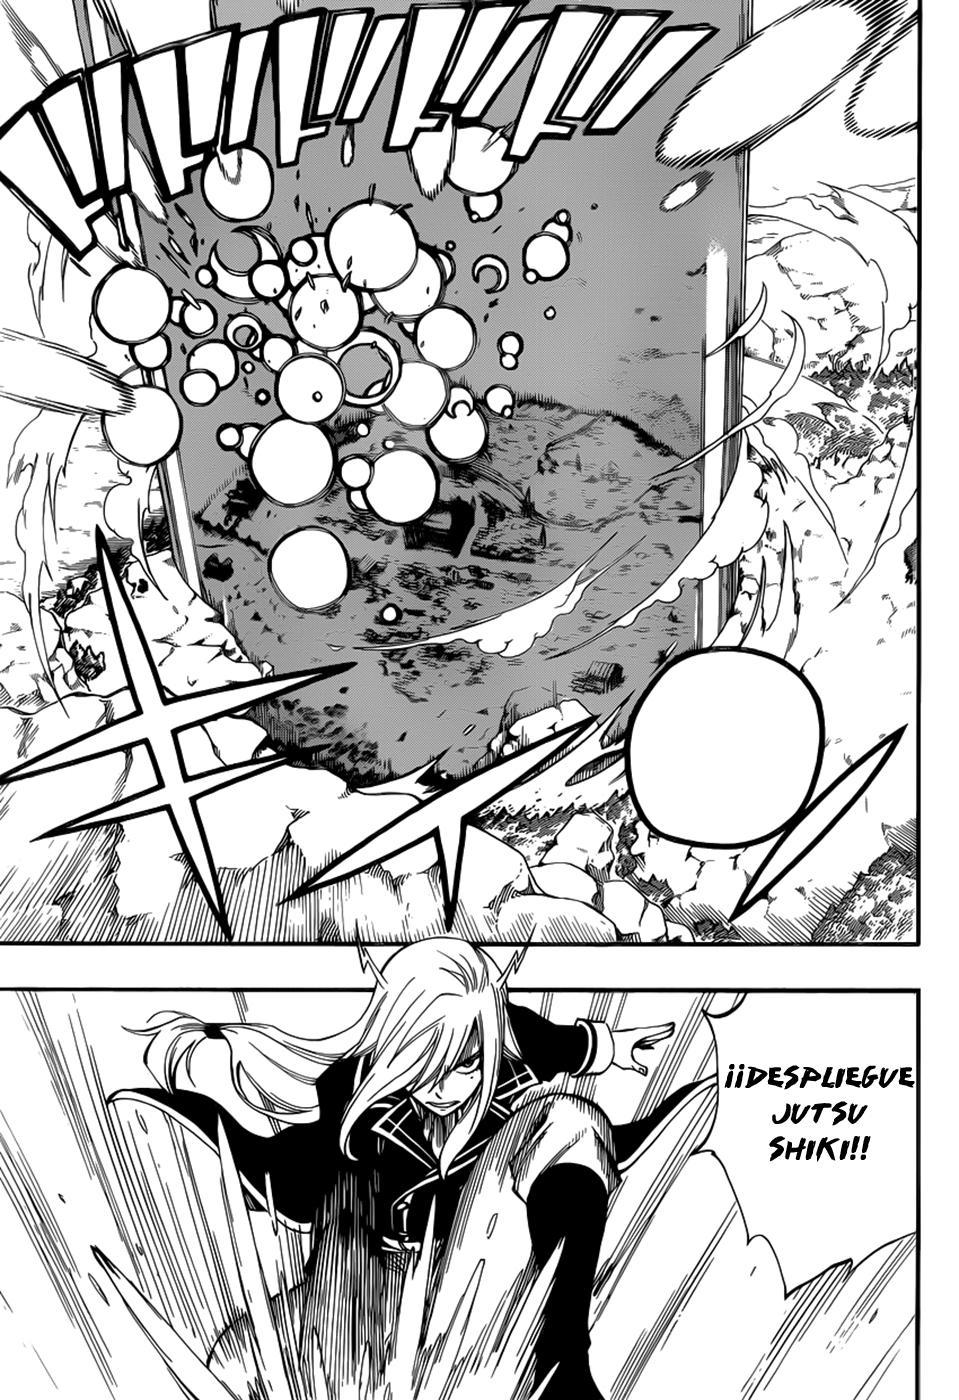 http://c5.ninemanga.com/es_manga/14/78/417855/4fd1b6aa89e80040cb6b61e608e525dd.jpg Page 5